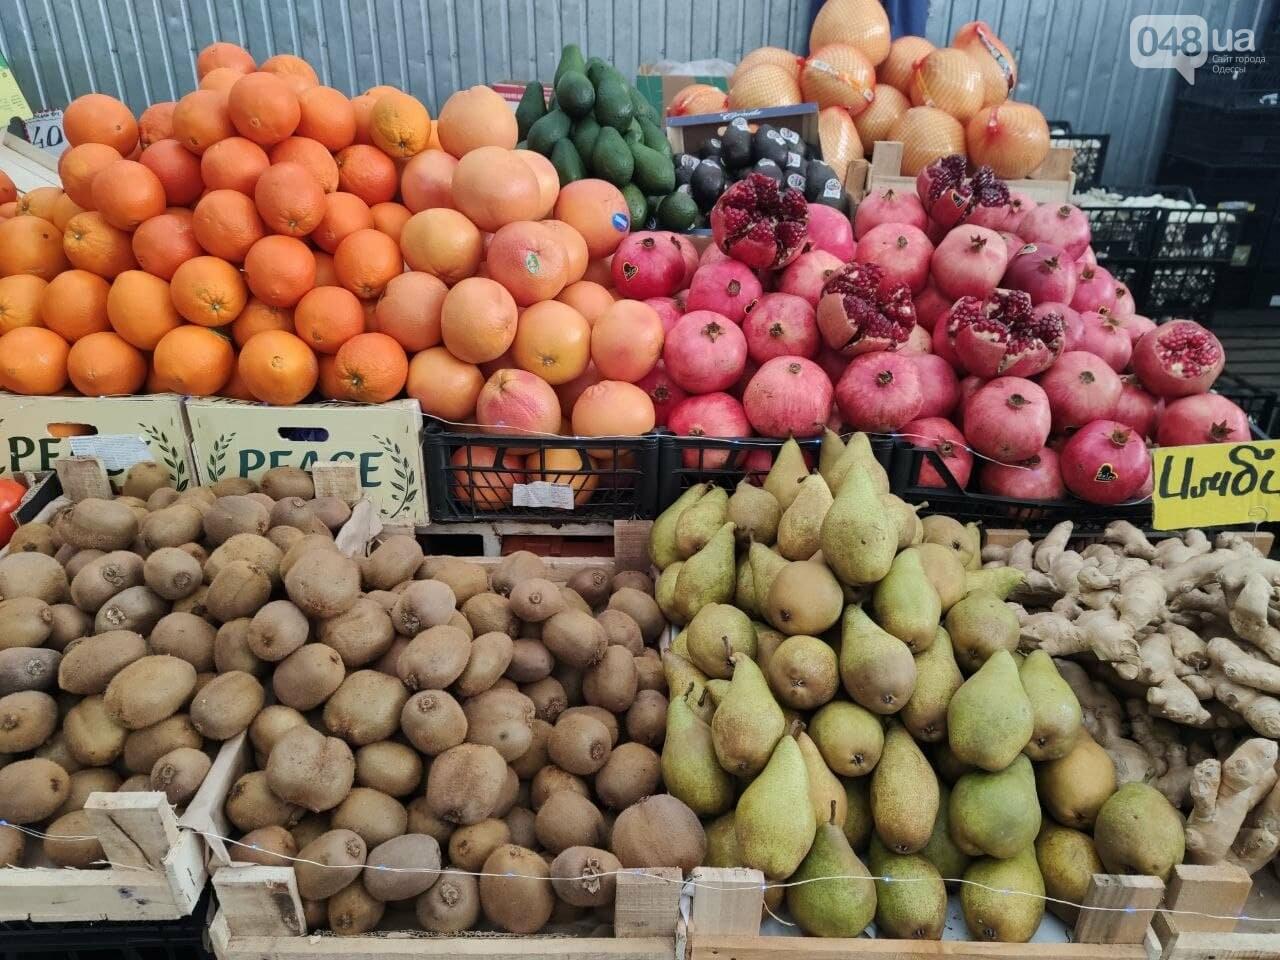 Авокадо, королевские шампиньоны, чили: почем на одесском Привозе овощи и фрукты, - ФОТО, фото-4